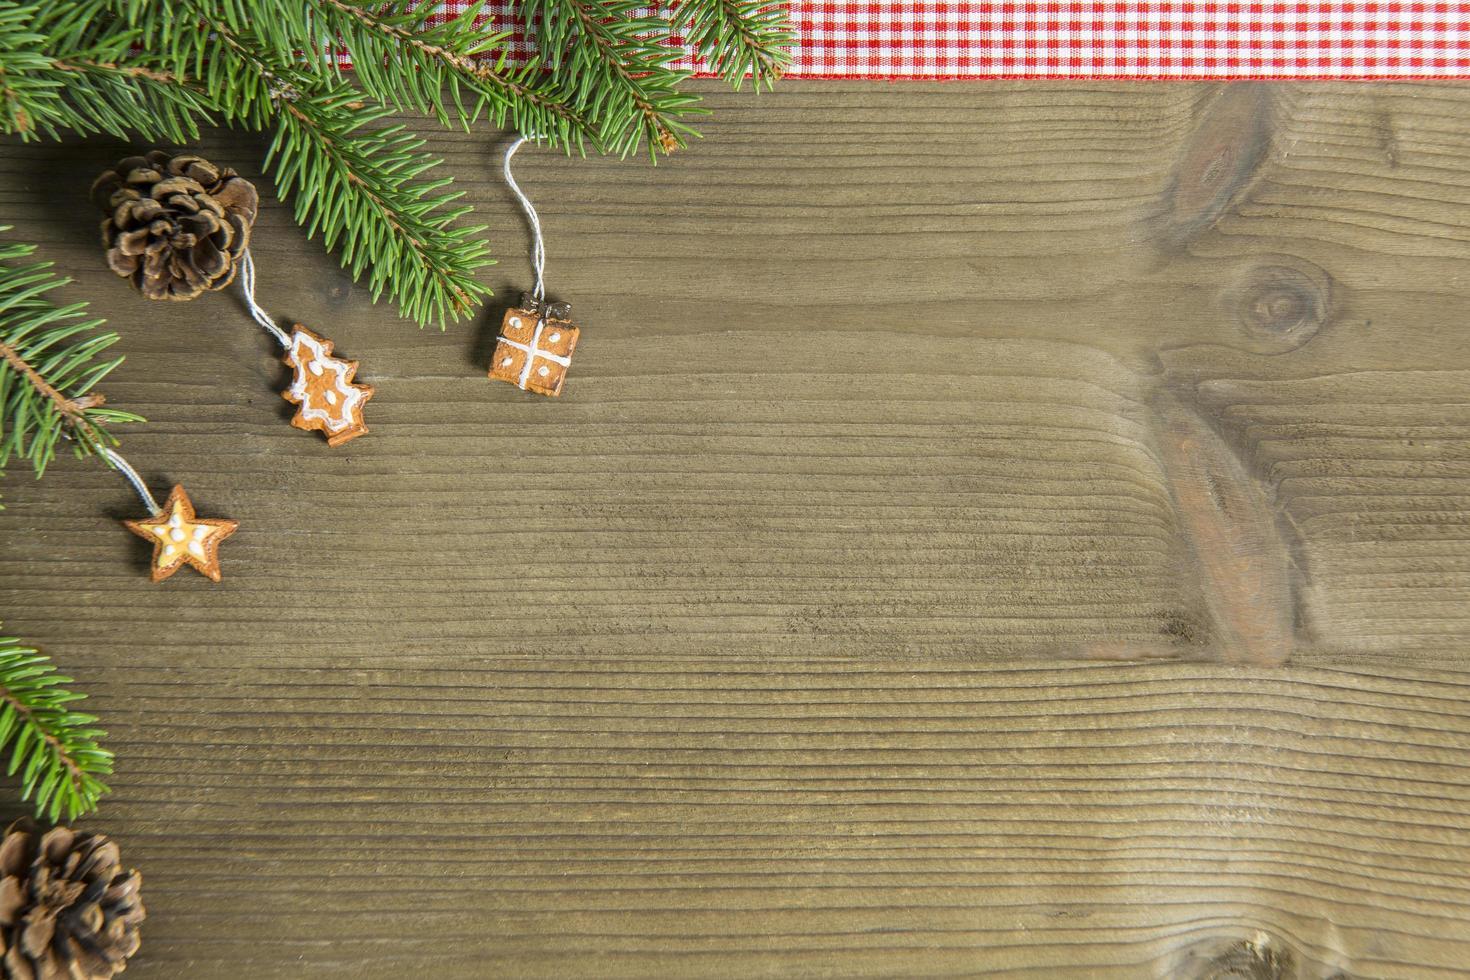 configuração plana de decoração rústica de natal foto